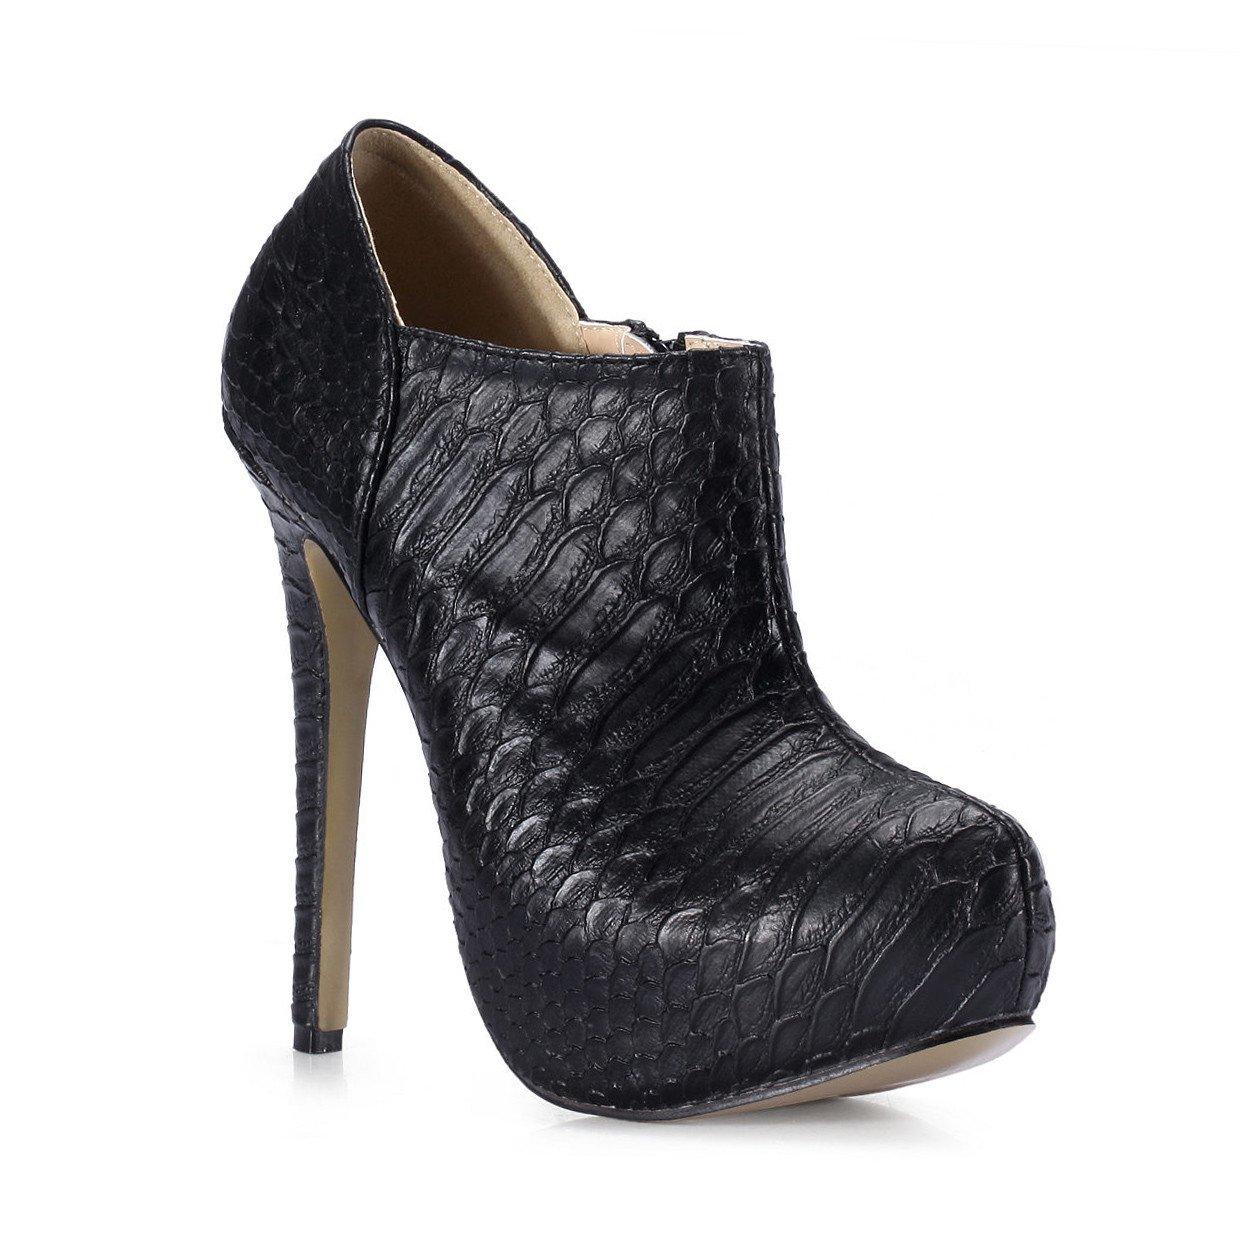 Noir Bottes courtes, et de nouvelles boîtes de vie des produits chers à tête ronde noire démarrage la peau de serpent la la haute-chaussures de talon US6.5-7   EU37   UK4.5-5   CN37